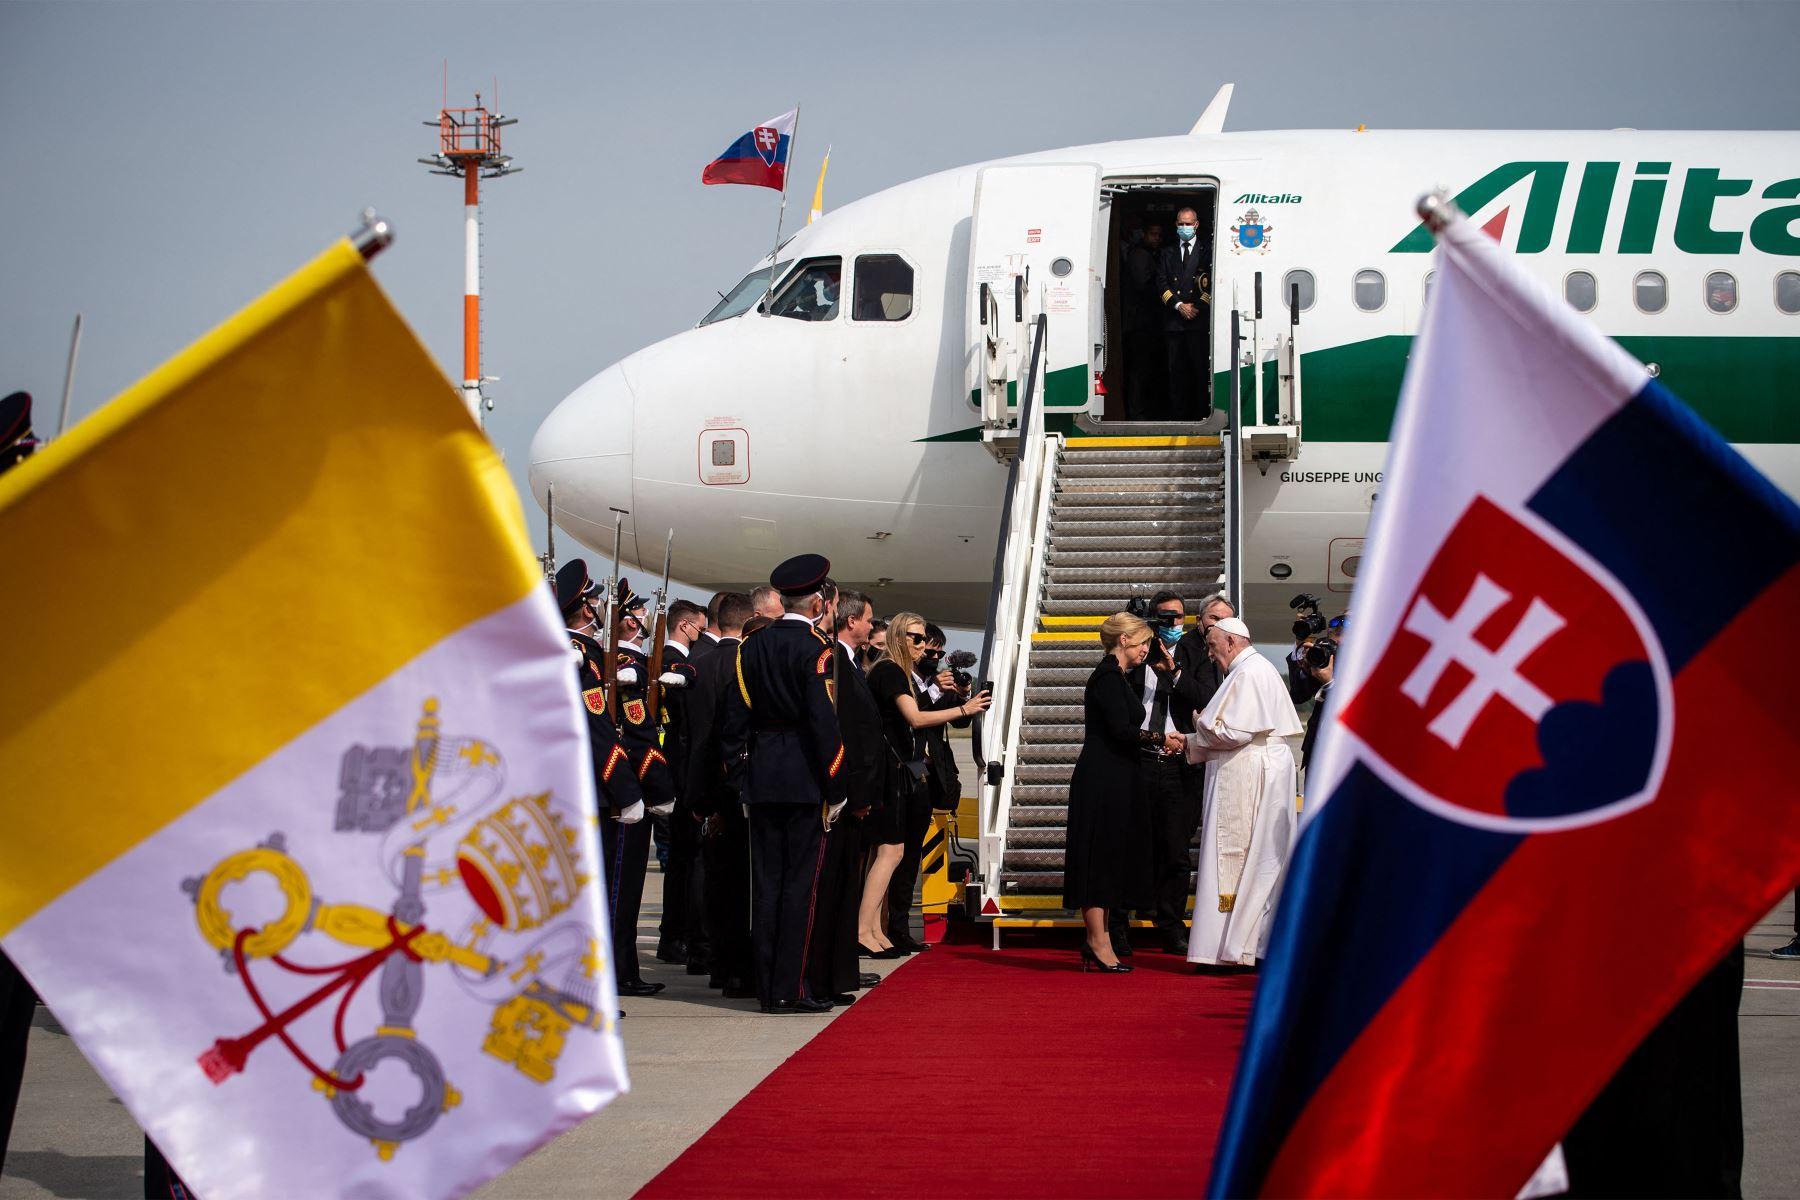 La presidenta eslovaca Zuzana Caputova y el papa Francisco se dan la mano frente a un avión de Alitalia antes de la salida del pontífice del aeropuerto internacional Milan Rastislav Stefanik de Bratislava en  Eslovaquia. Foto: AFP